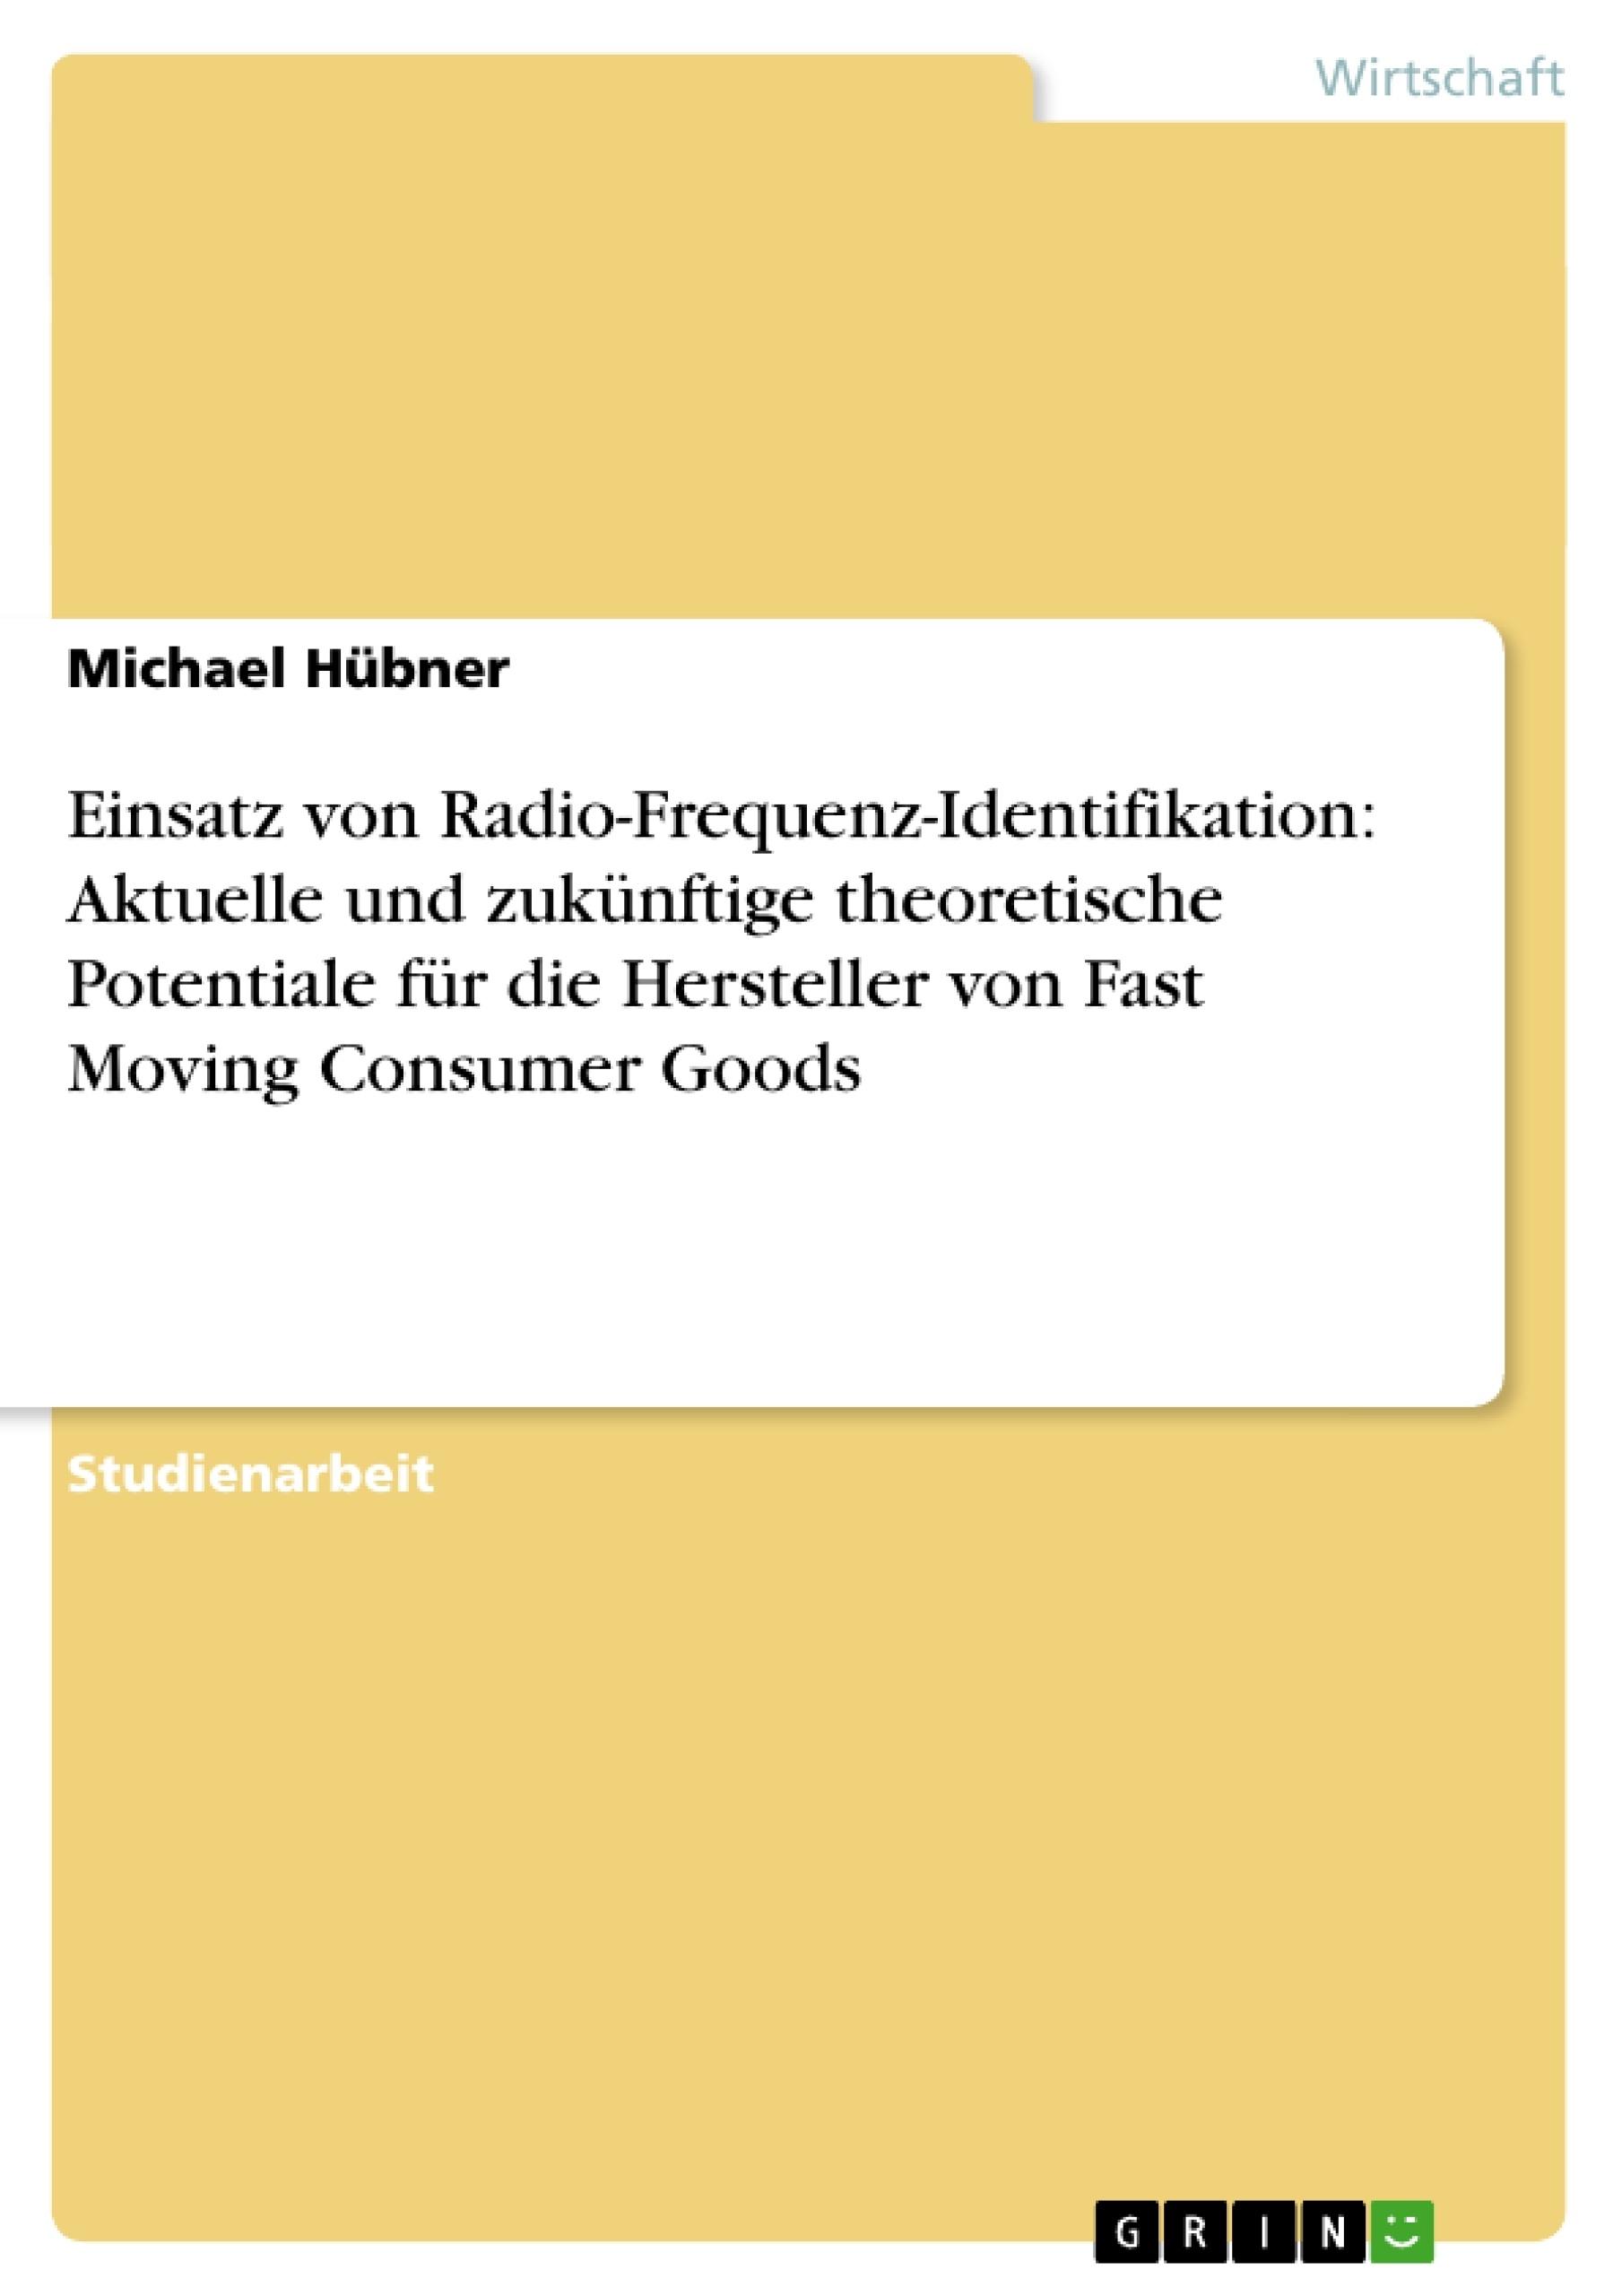 Titel: Einsatz von Radio-Frequenz-Identifikation: Aktuelle und zukünftige theoretische Potentiale für die Hersteller von Fast Moving Consumer Goods